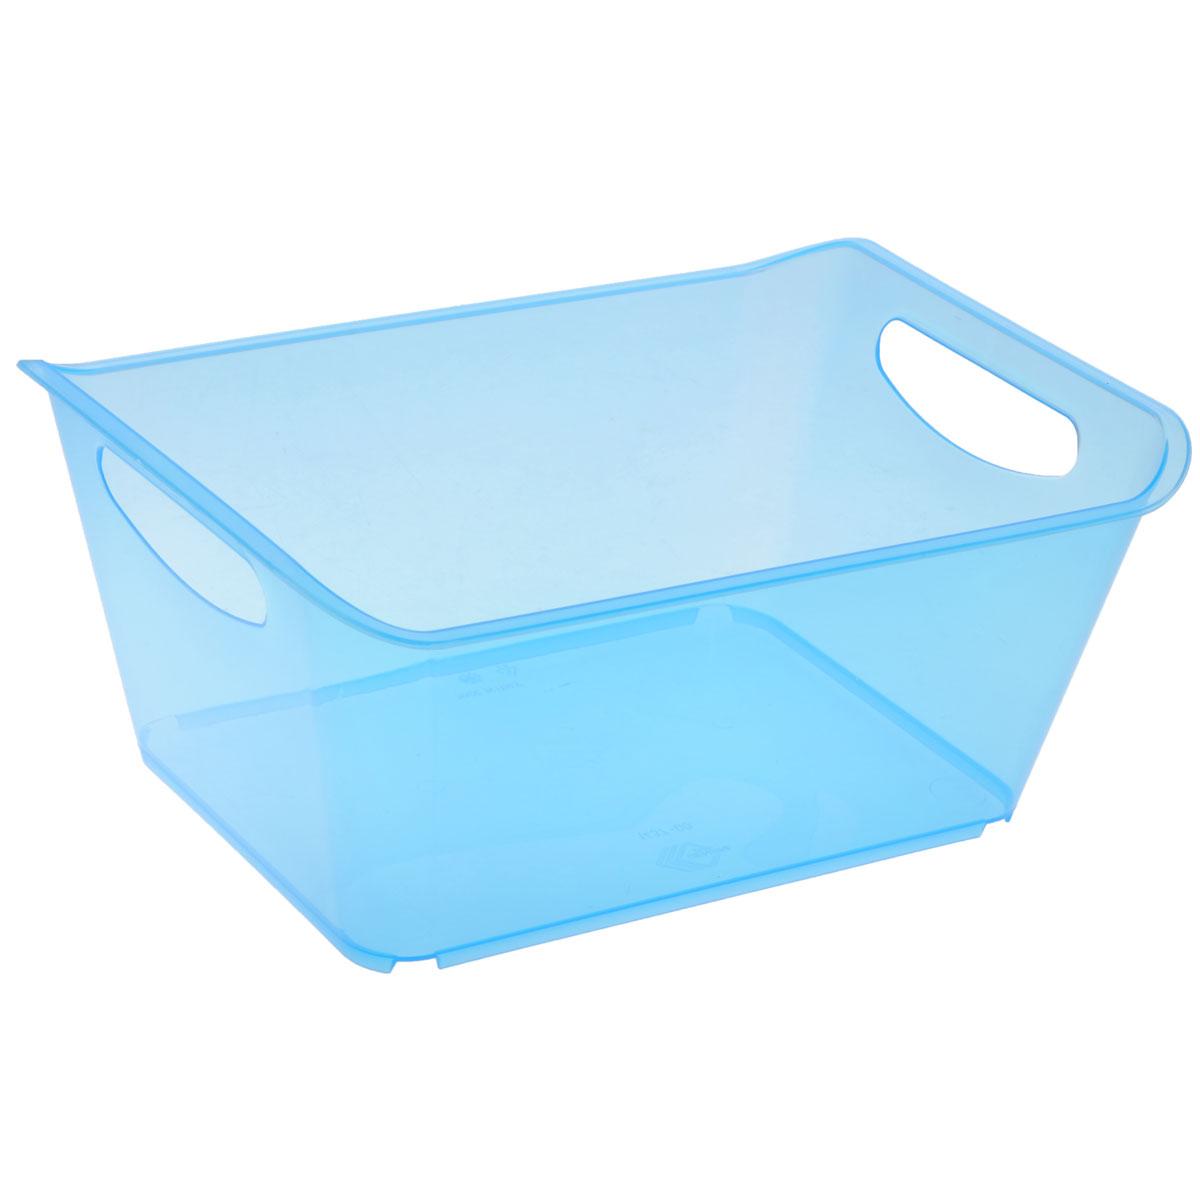 Контейнер Gensini, цвет: голубой, 5 лПЦ2829Контейнер Gensini выполнен из прочного пластика. Он предназначен для хранения различных мелких вещей в ванной, на кухне, даче или гараже, исключая возможность их потери. По бокам контейнера предусмотрены две удобные ручки для его переноски.Контейнер поможет хранить все в одном месте, а также защитить вещи от пыли, грязи и влаги. Объем: 5 л.